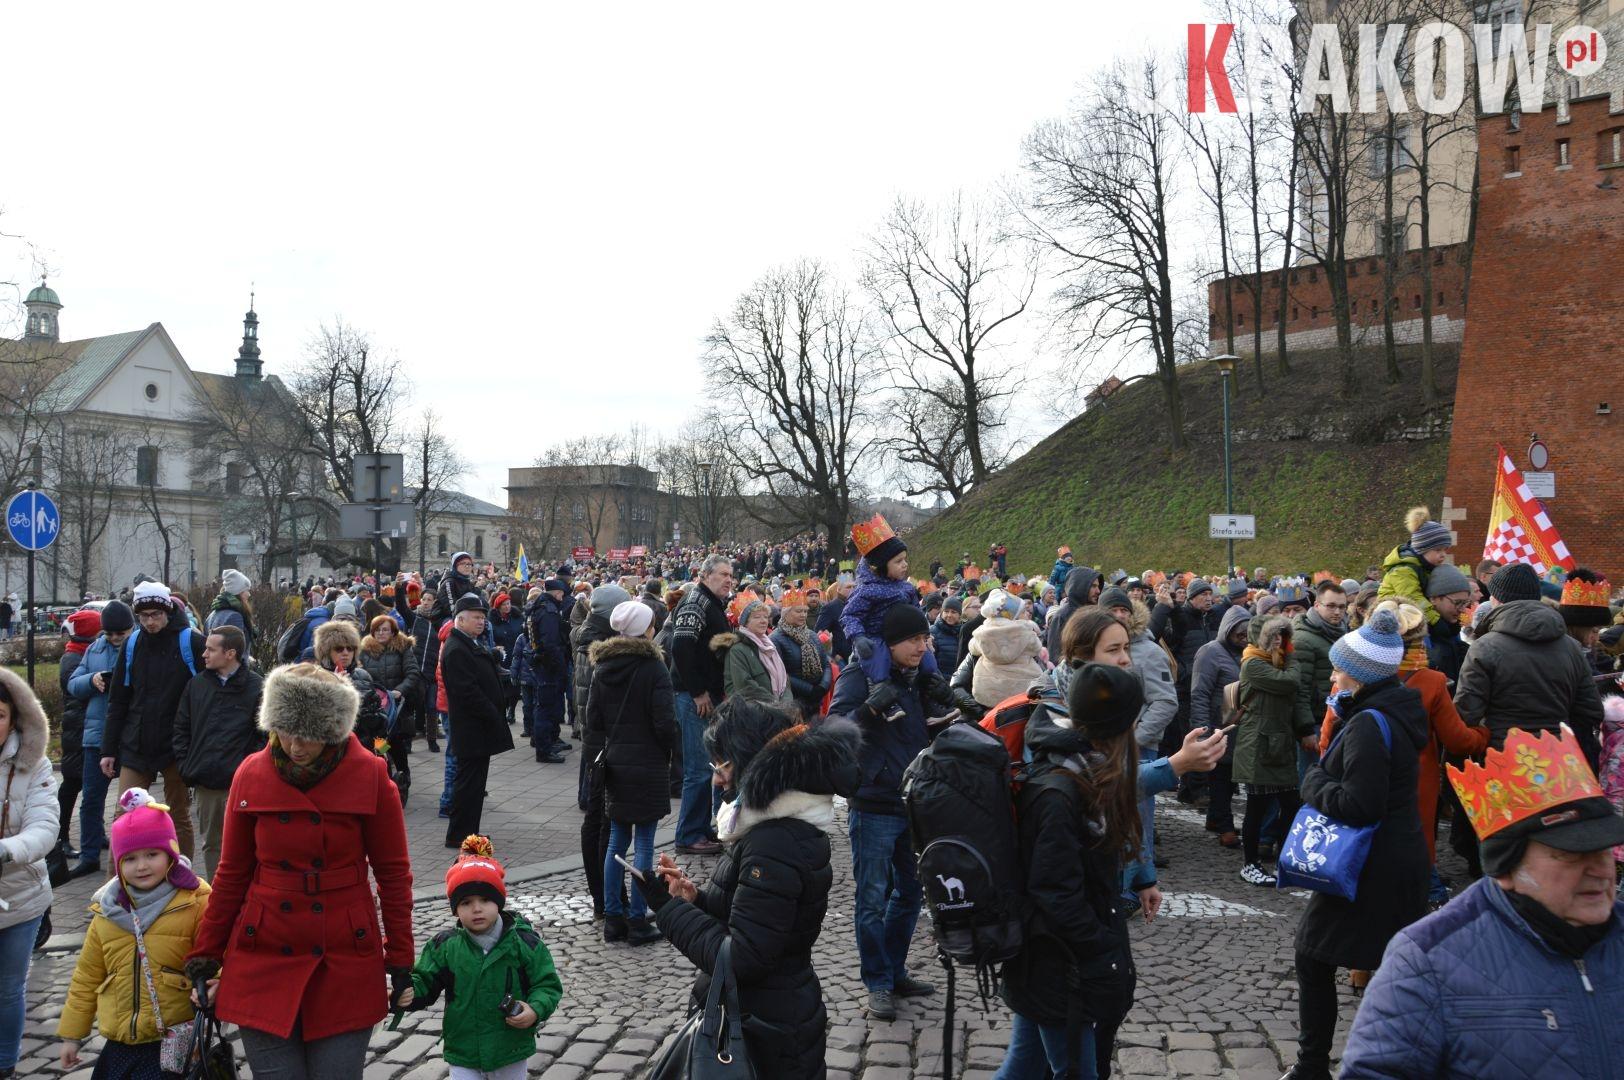 orszak 29 1 150x150 - Orszak Trzech Króli Kraków 2020 Galeria Zdjęć z Orszaku (czerwonego)